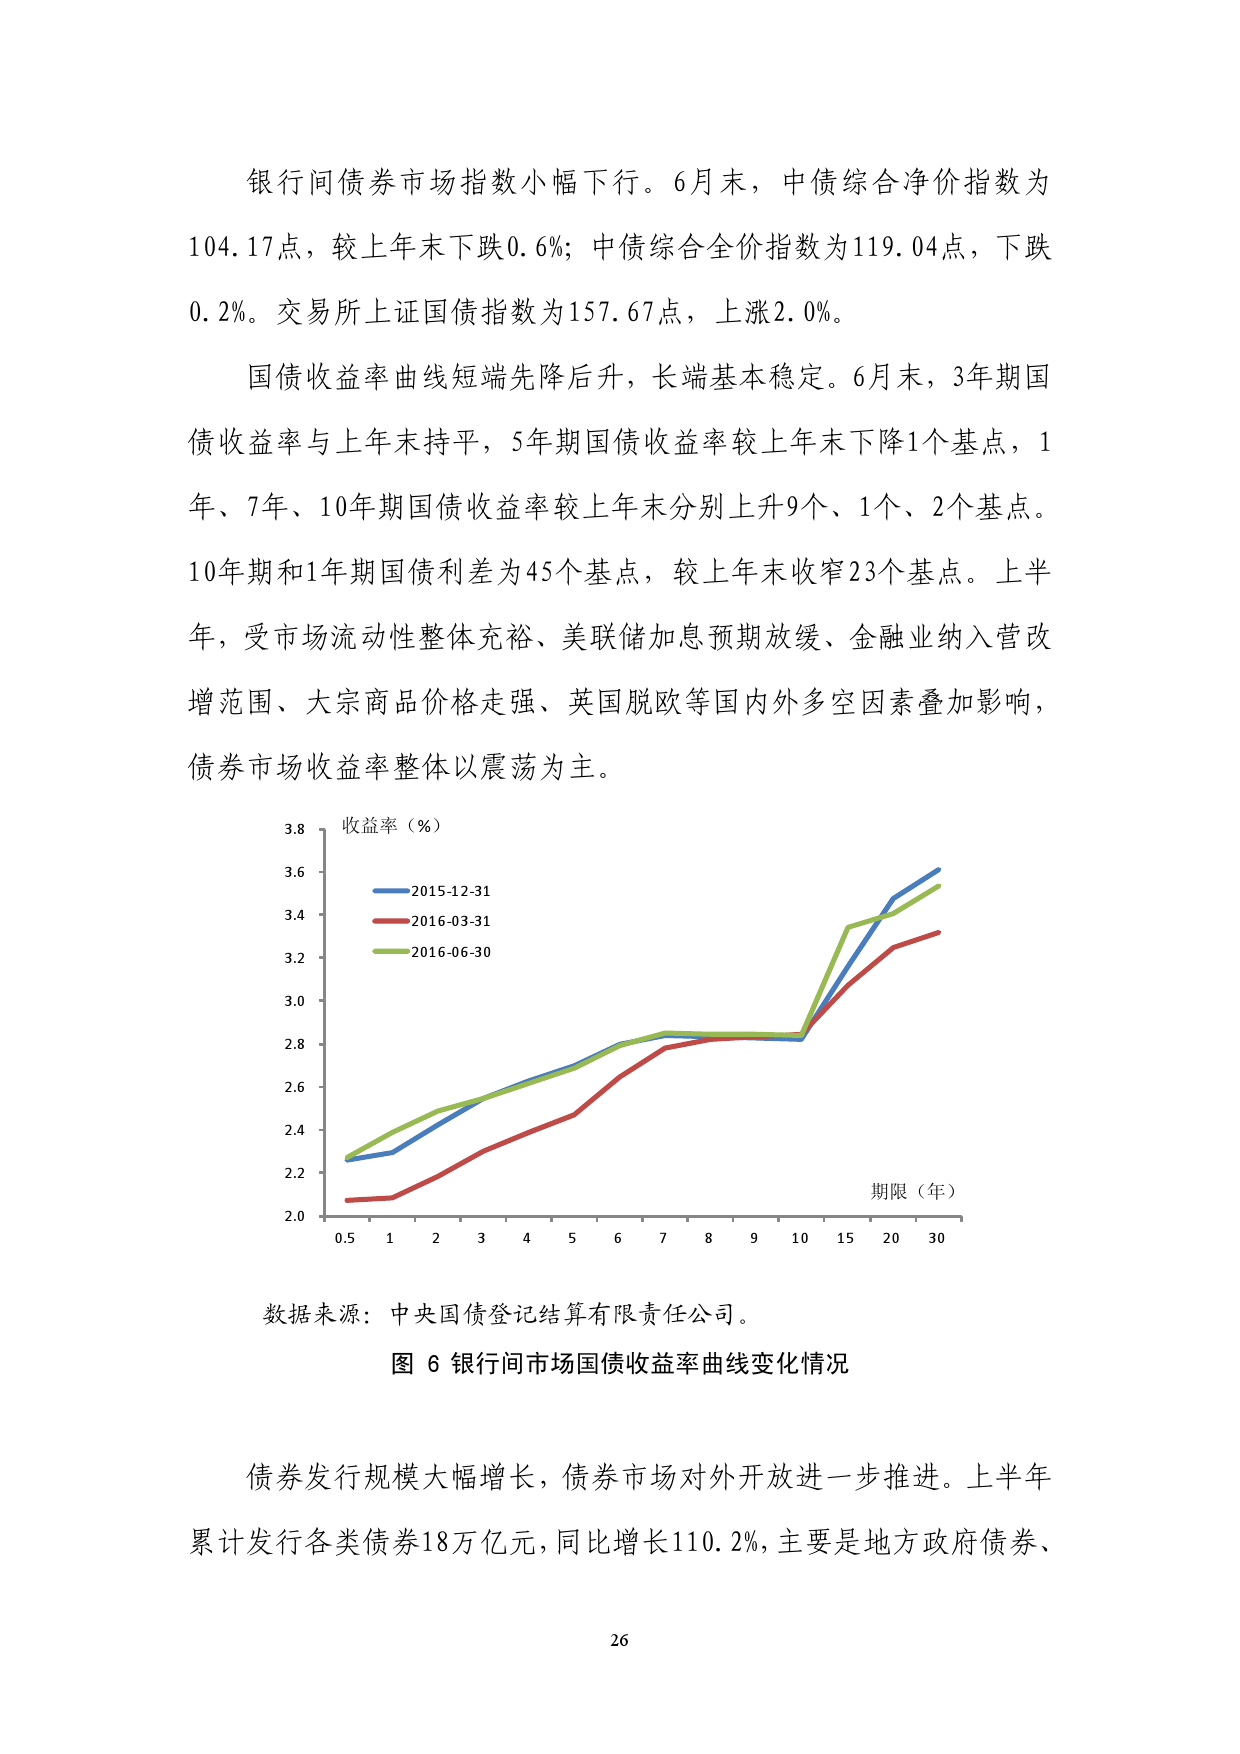 2016年Q2中国货币政策执行报告_000032